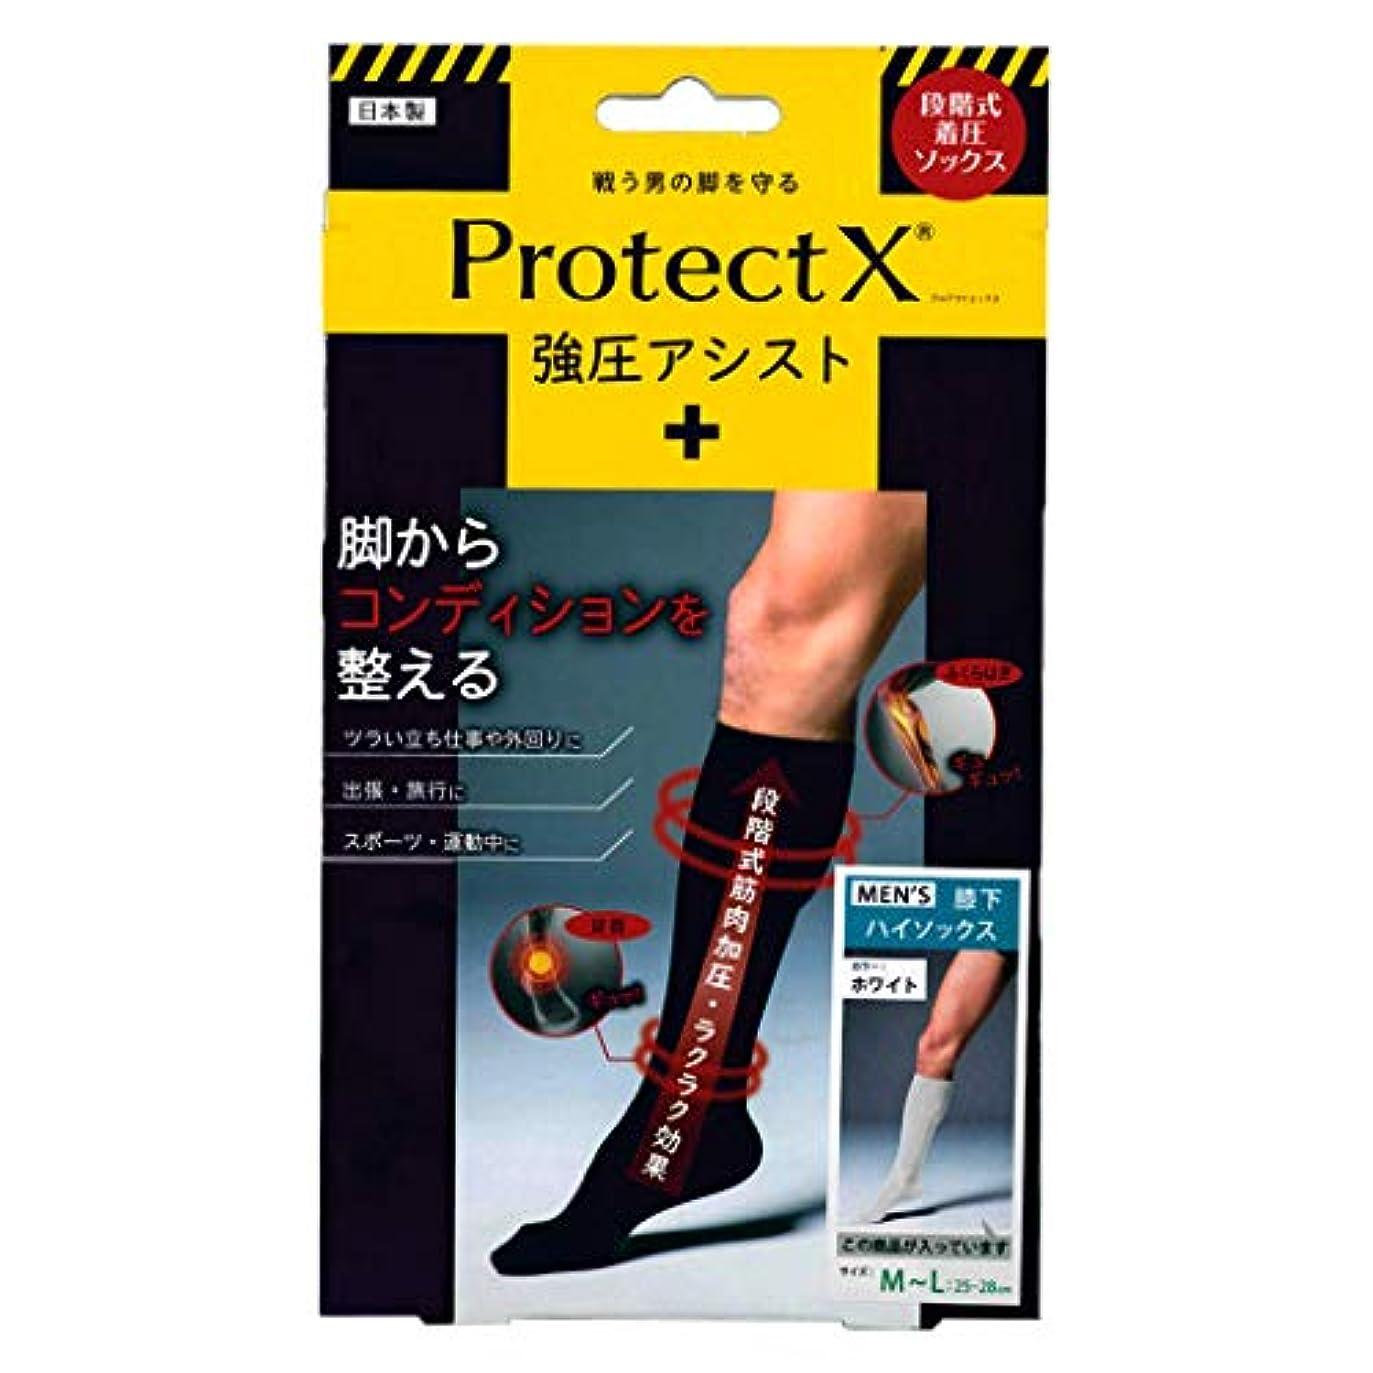 手のひら発行する要旨Protect X(プロテクトエックス) 強圧アシスト つま先あり着圧ソックス 膝下 M-Lサイズ ホワイト